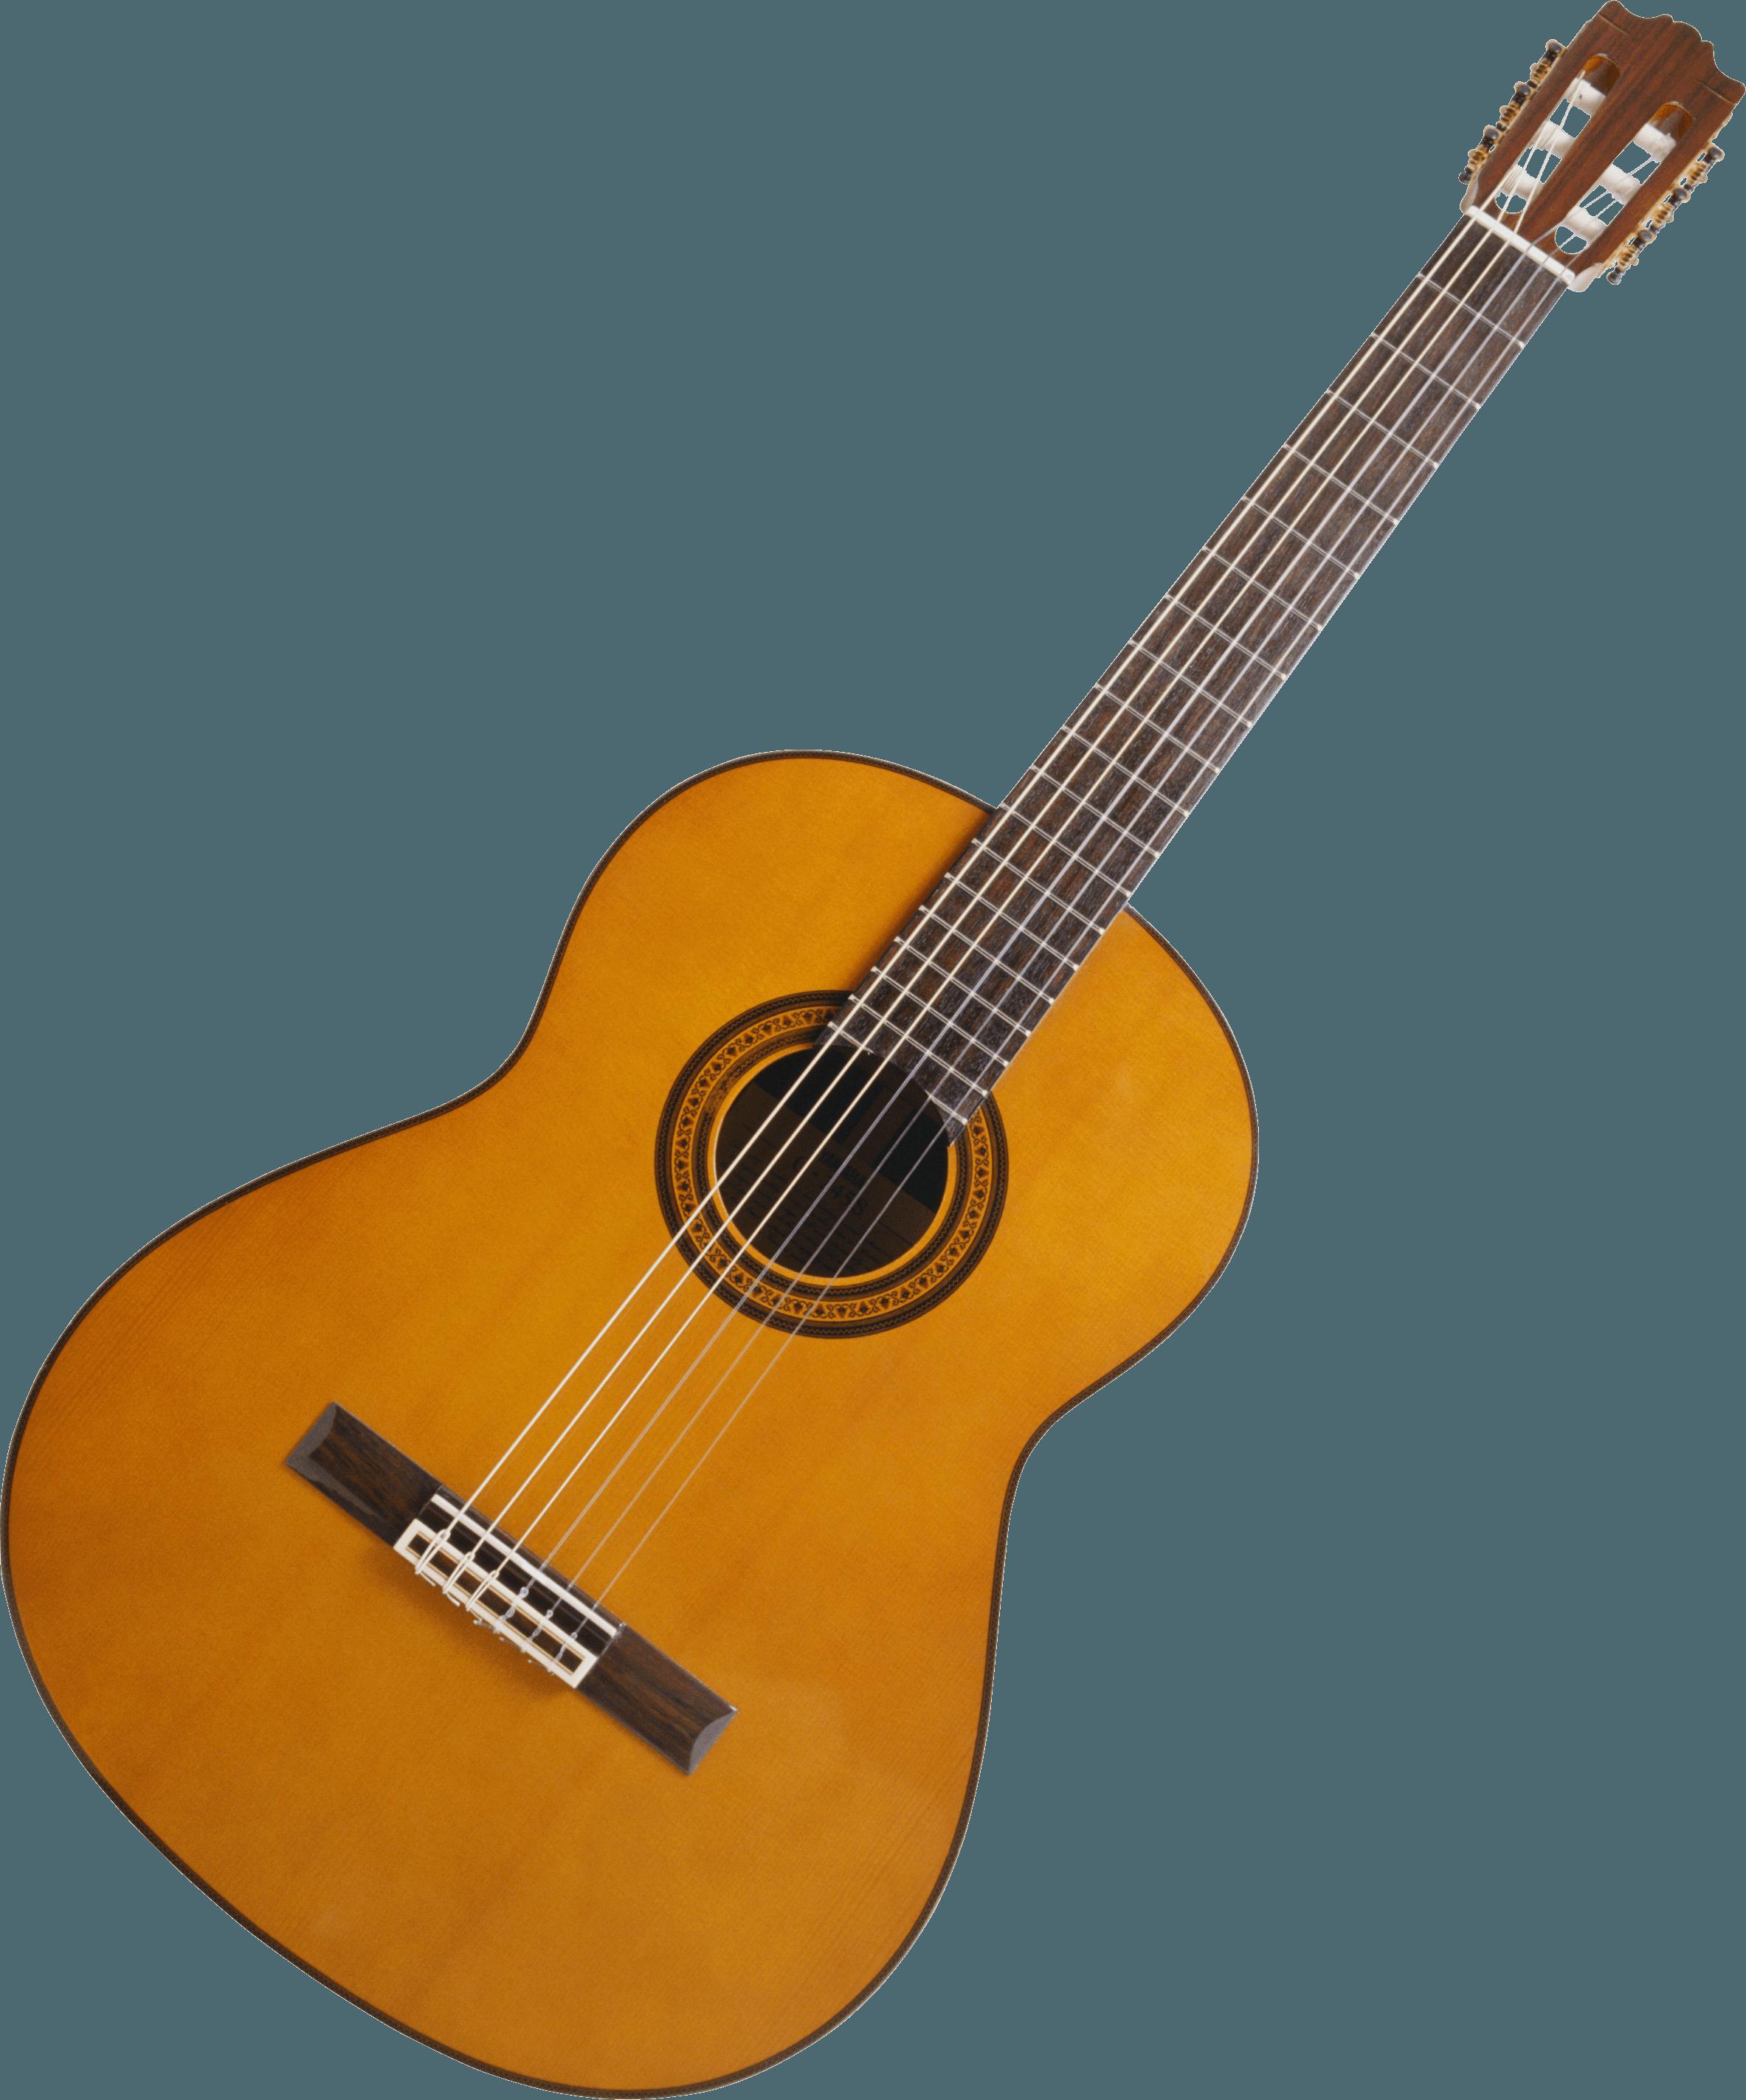 Guitar PNG - 8248